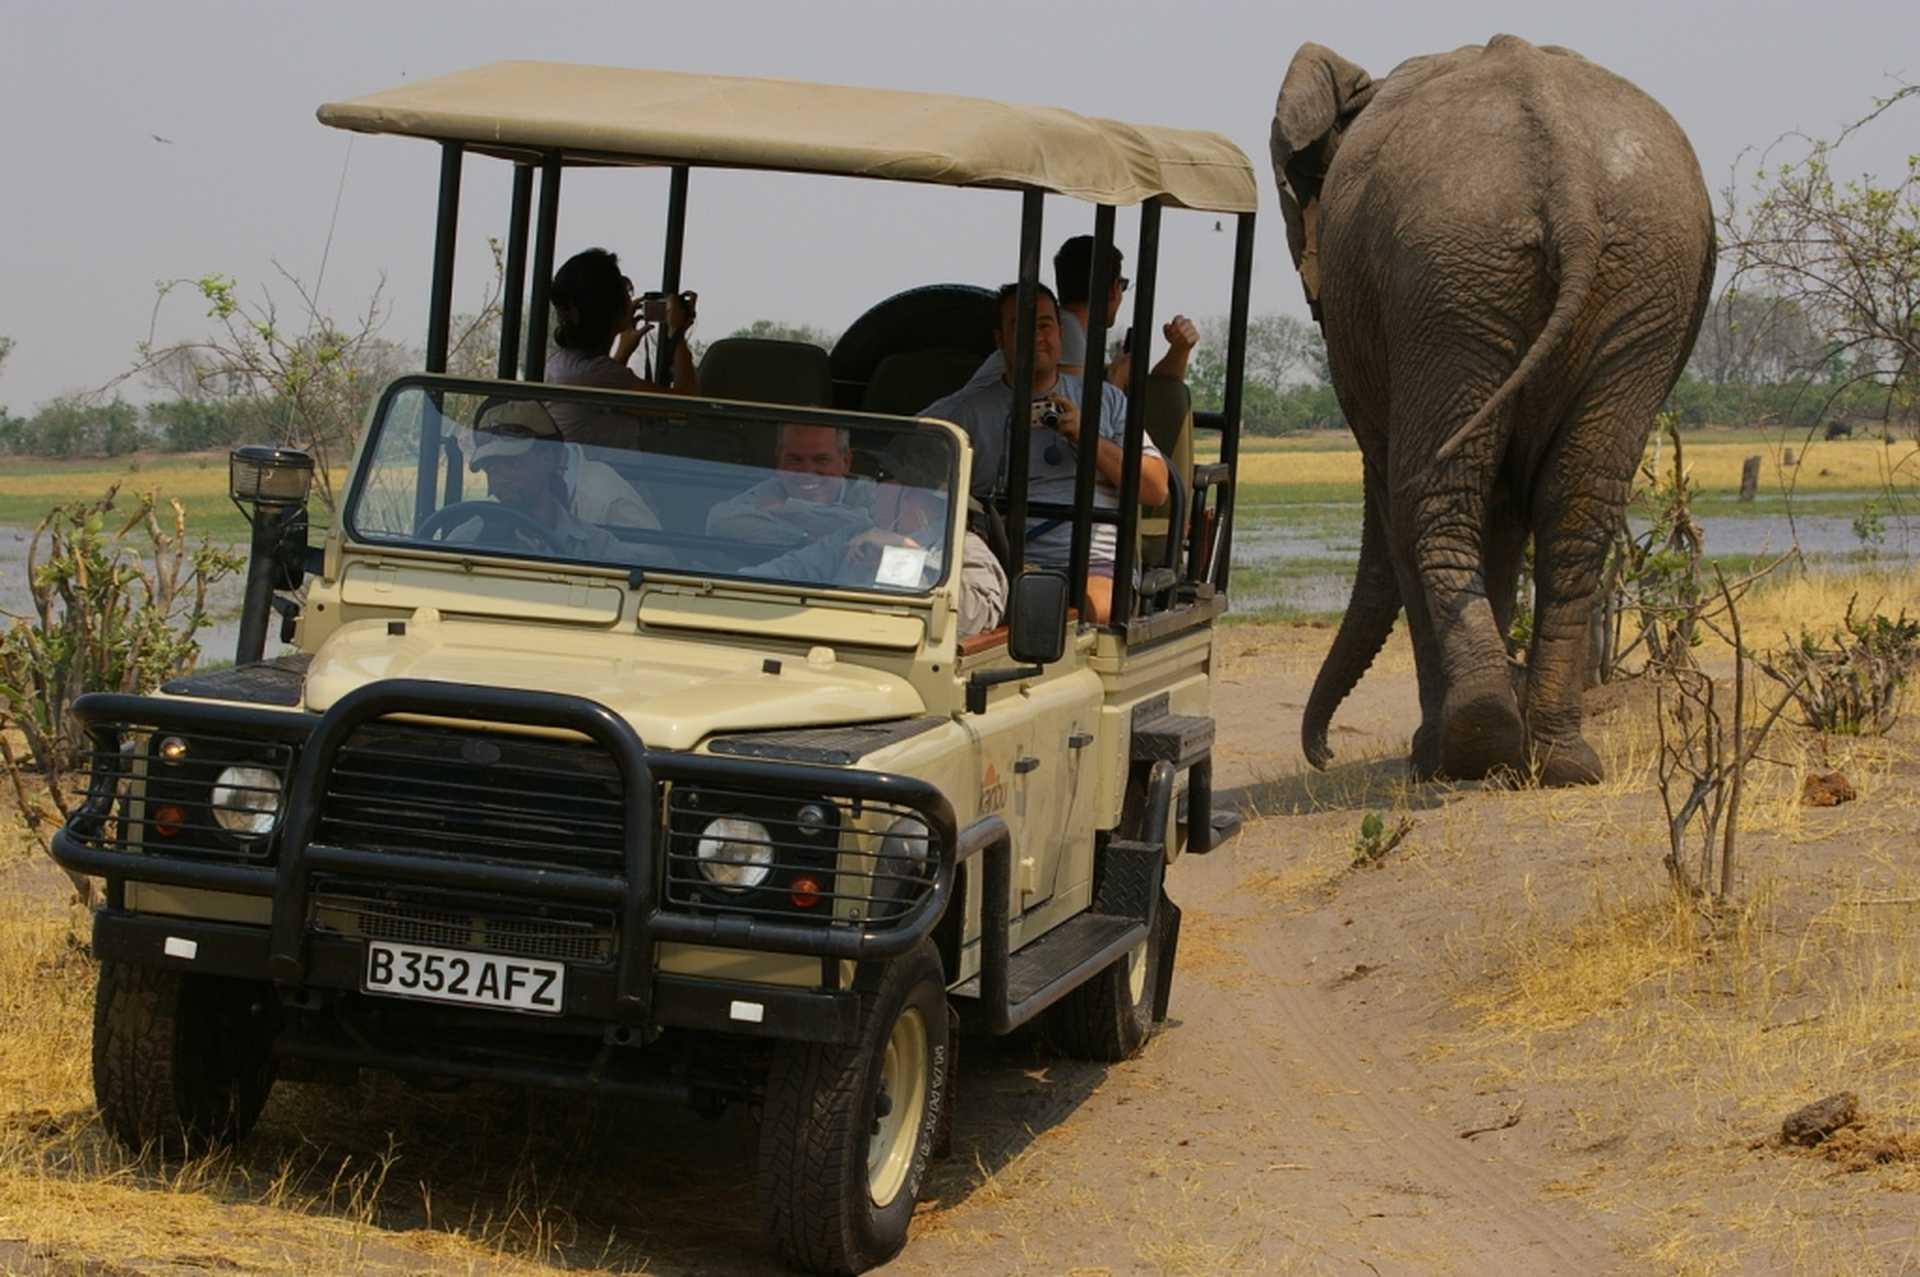 Safari en 4x4 dans le parc national de Moremi